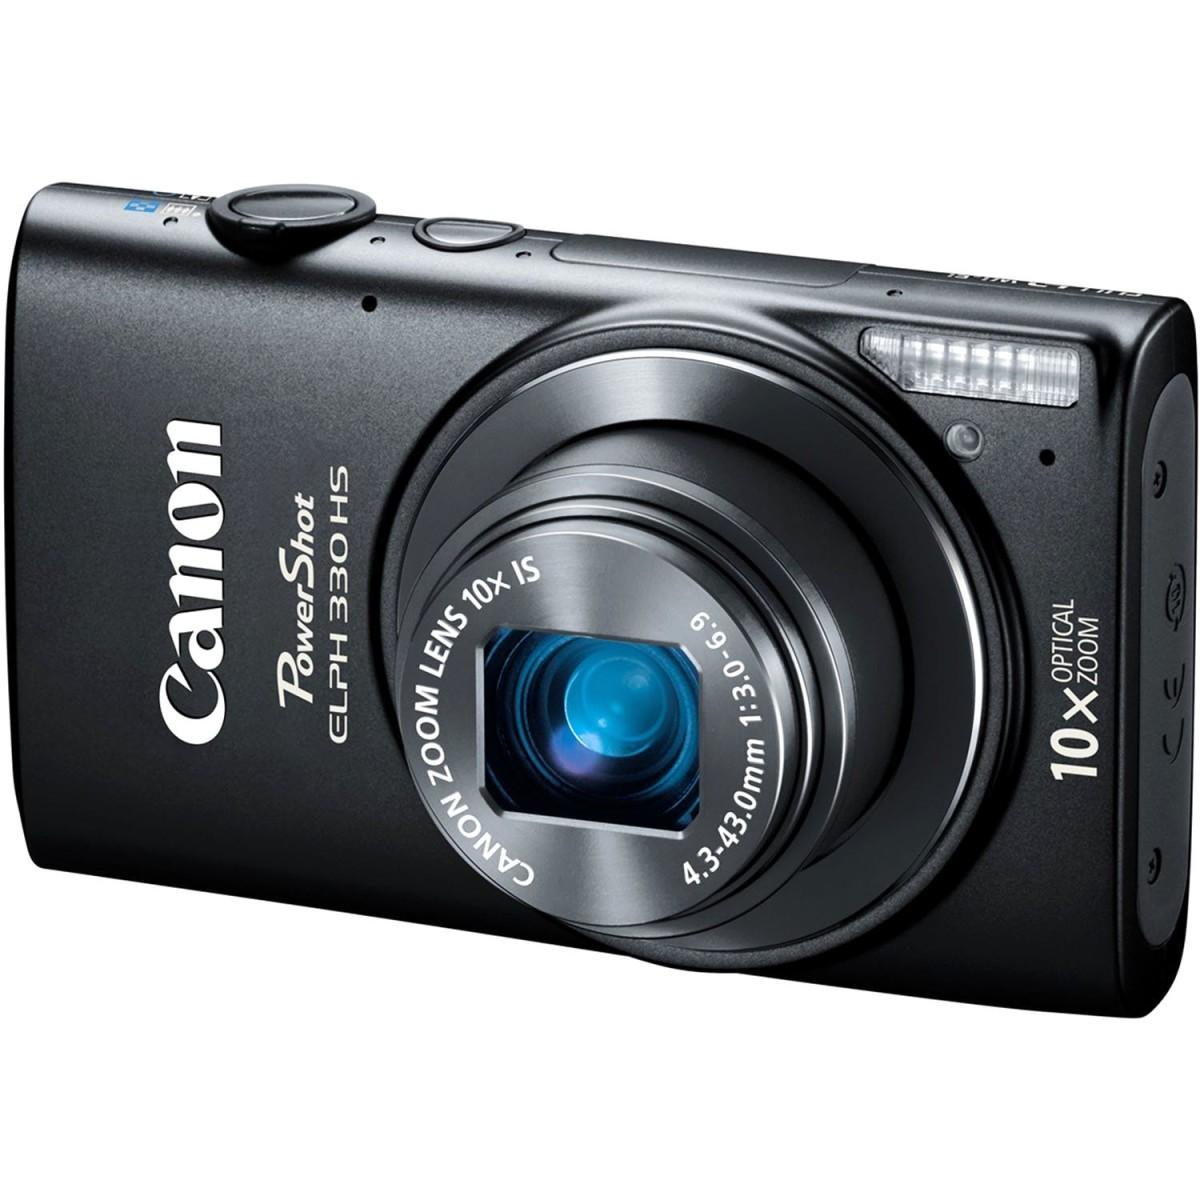 kamera yang mudah digunakan